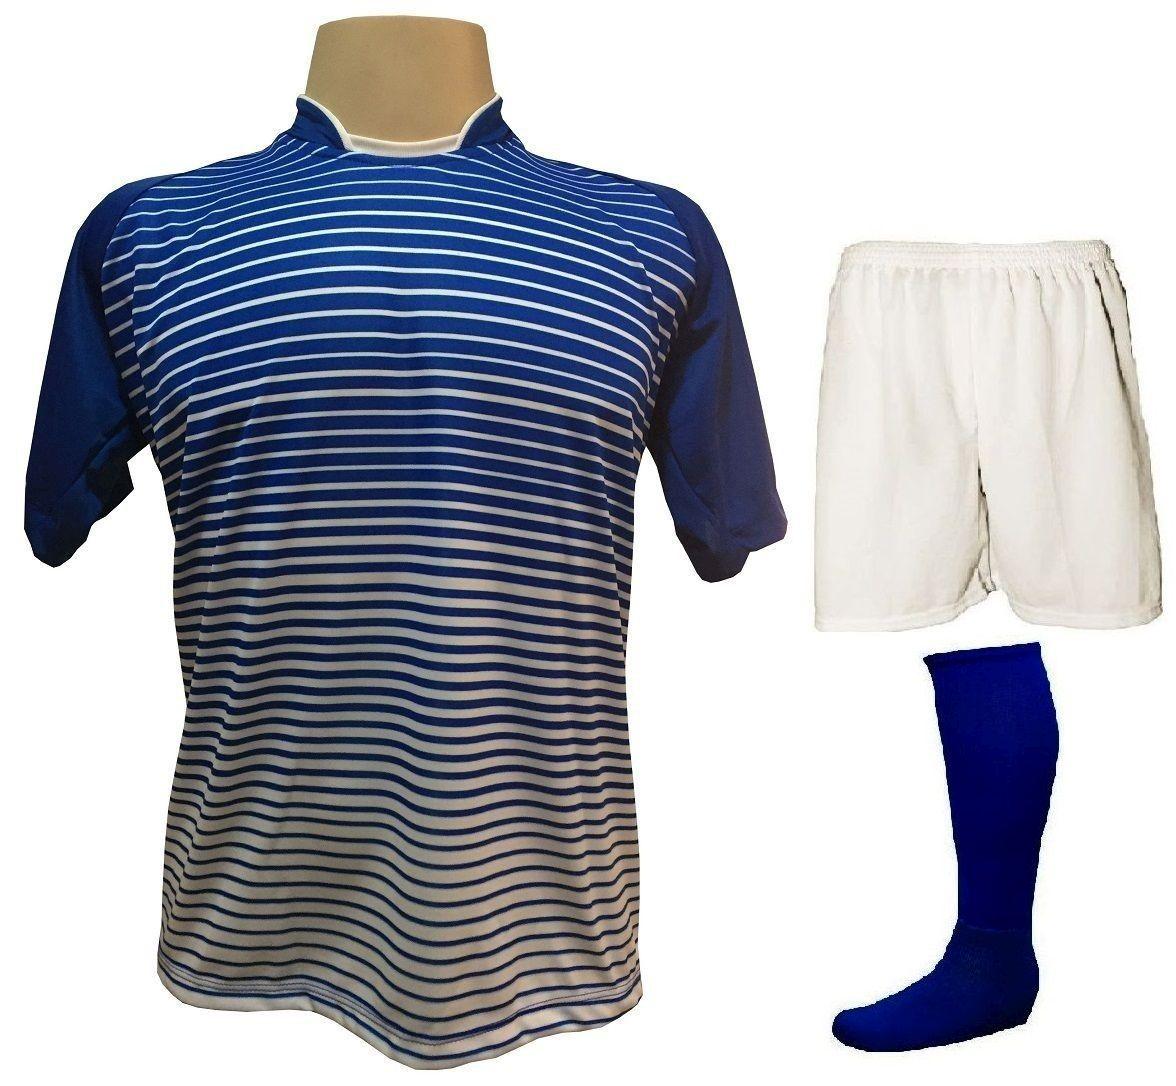 Uniforme Esportivo com 12 Camisas modelo City Royal/Branco + 12 Calções modelo Madrid Branco + 12 Pares de meiões Royal   - ESTAÇÃO DO ESPORTE